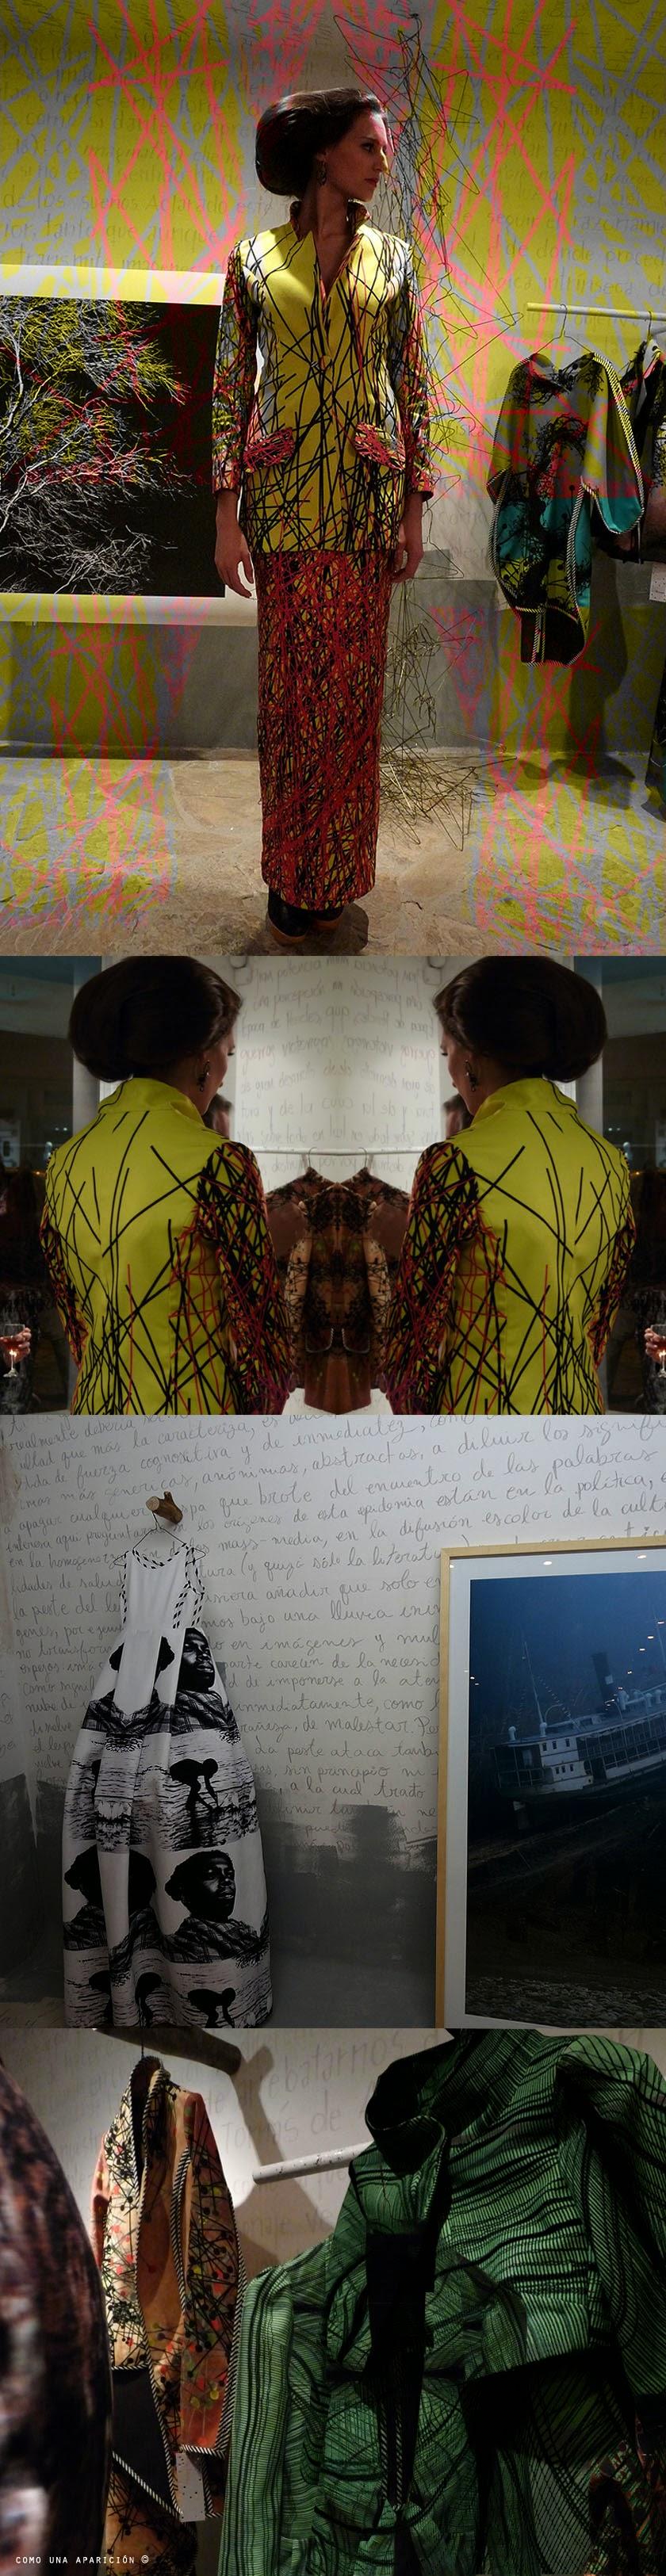 olga-piedrahíta-colombian-fashion-designer-women-prints-art-inspiration-beat-presser-photography-como-una-aparición